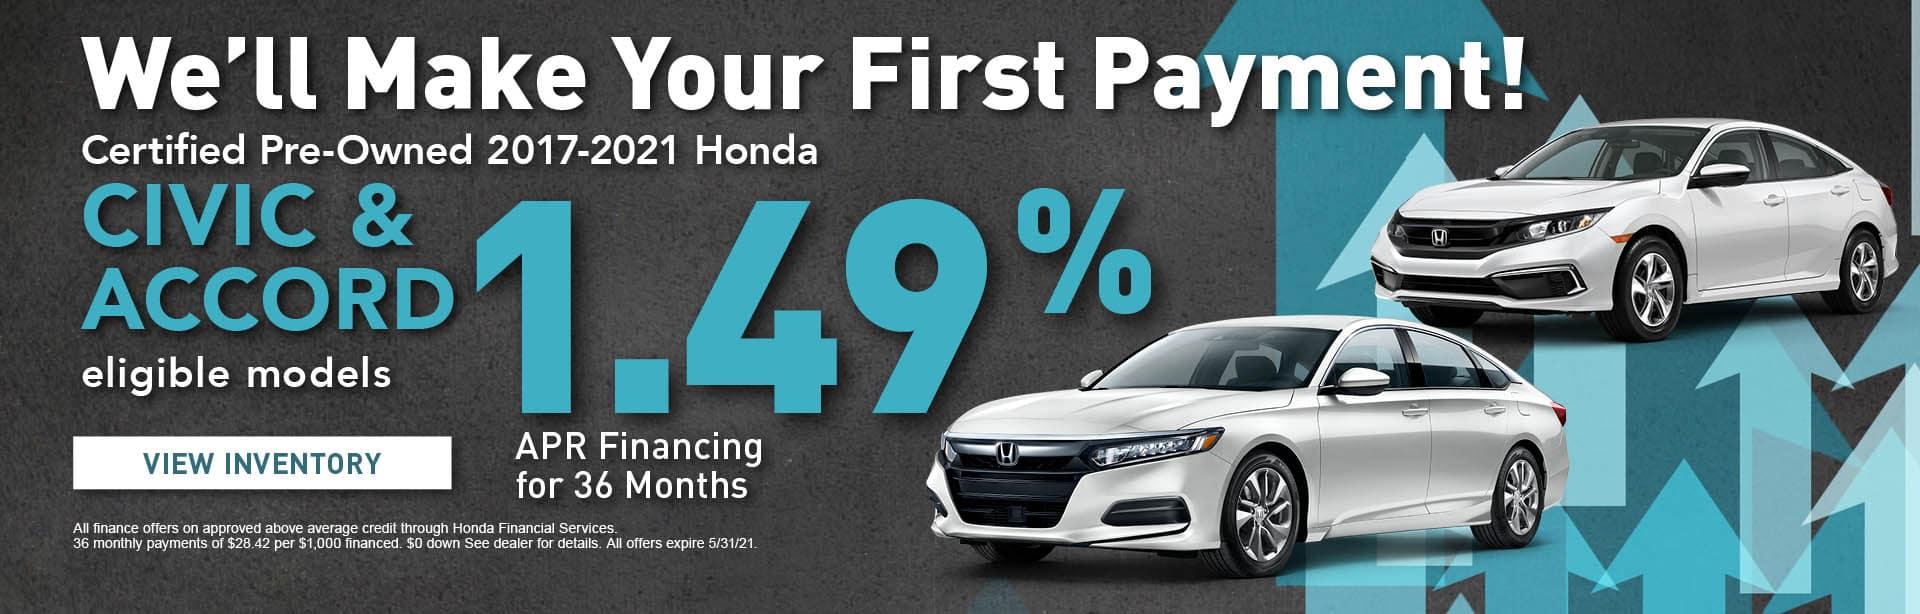 CPO Honda Civics & Accords